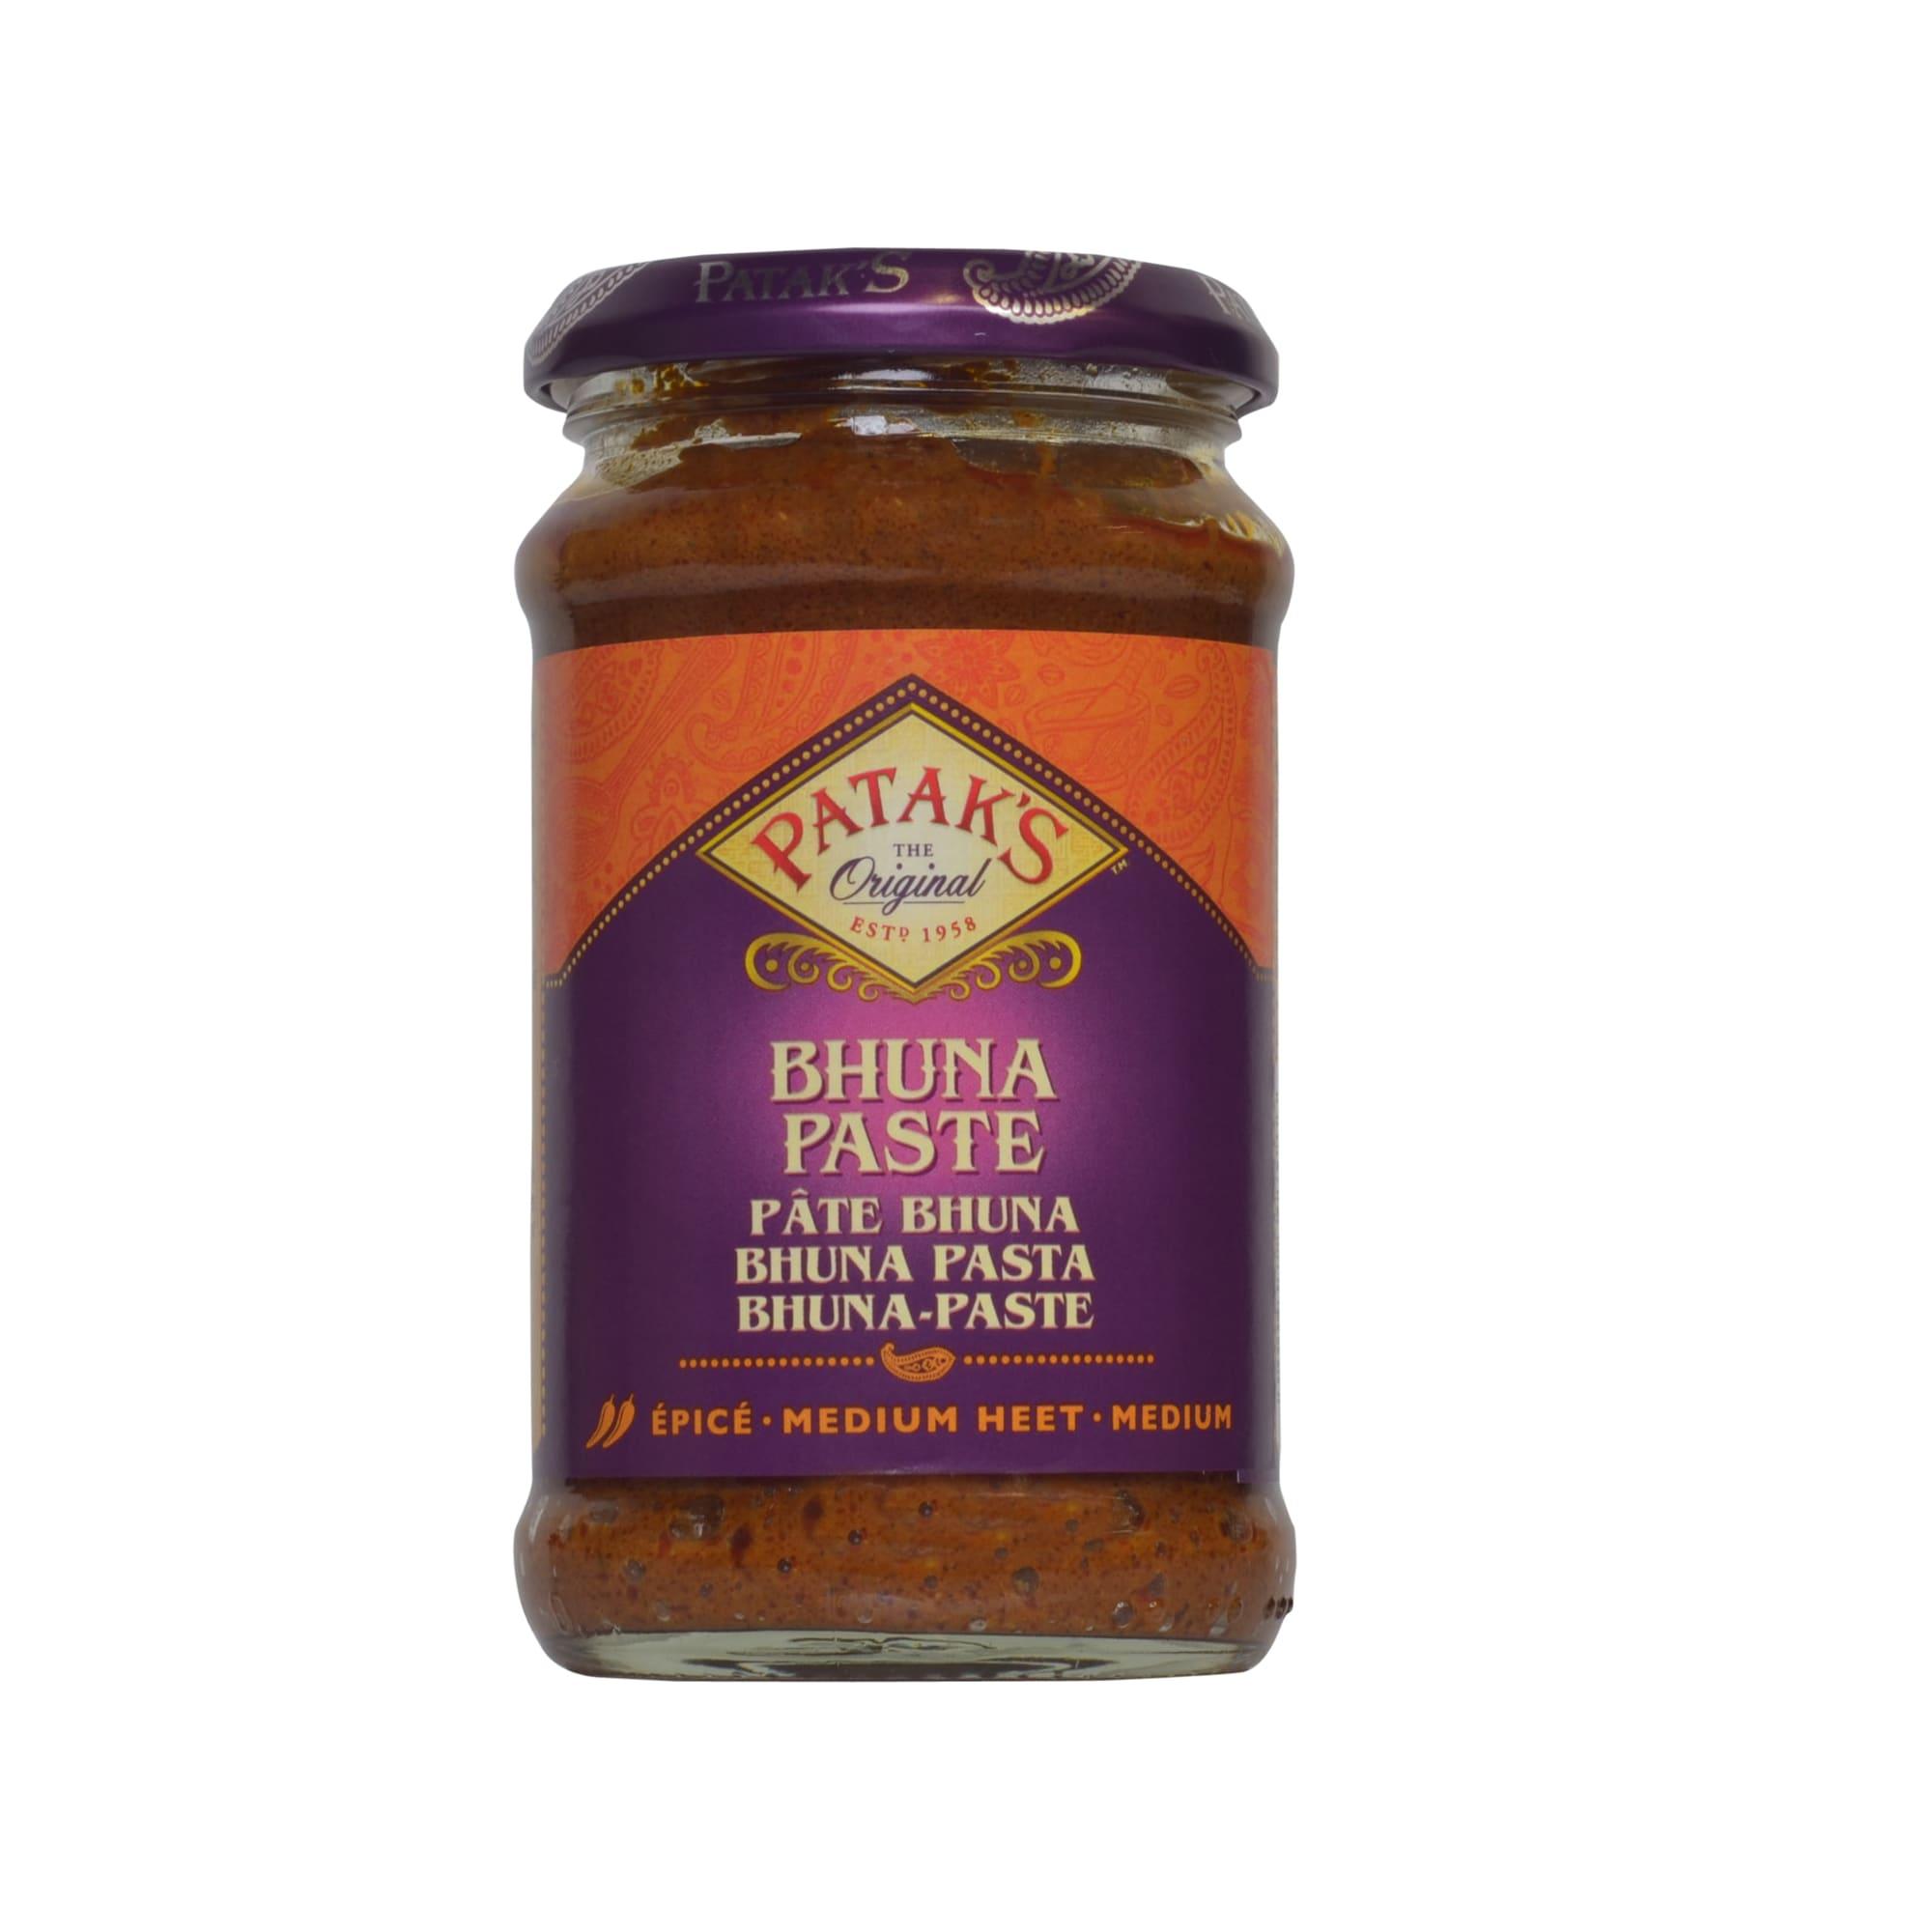 Patak's Bhuna Paste Currypaste mit Tomate und Tamarinde 283g